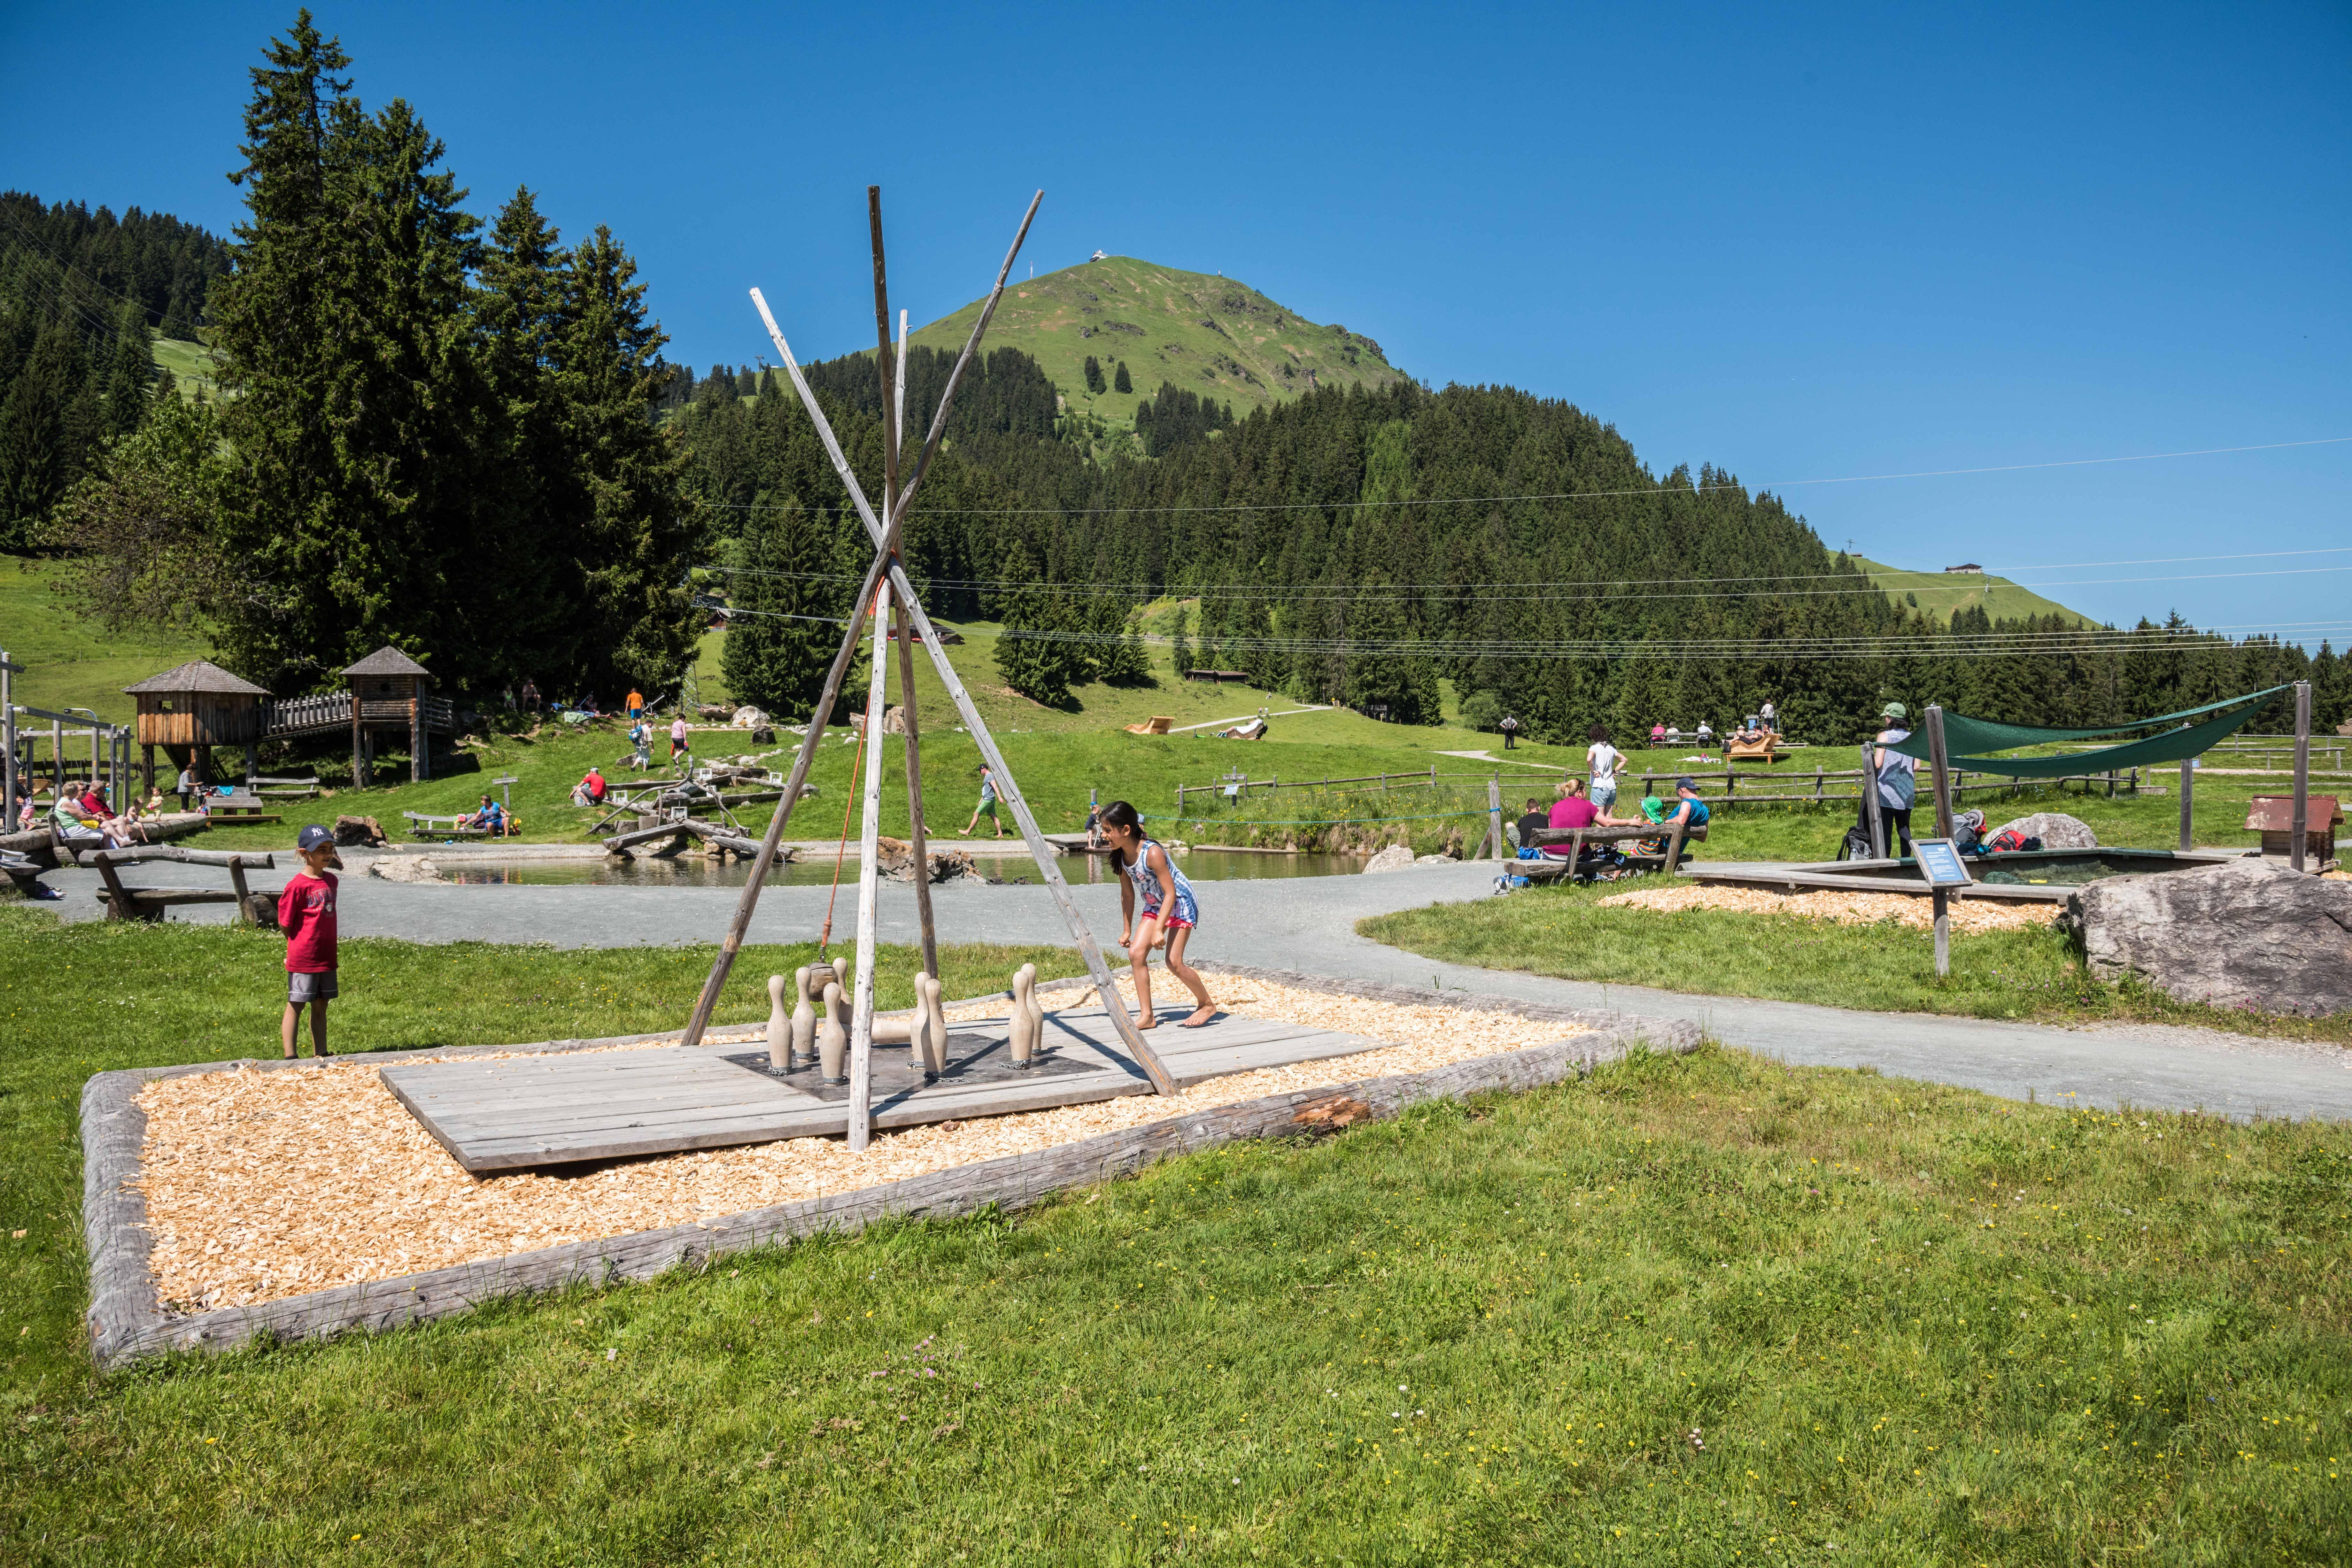 Het avonturenpark bij de Filzalmsee